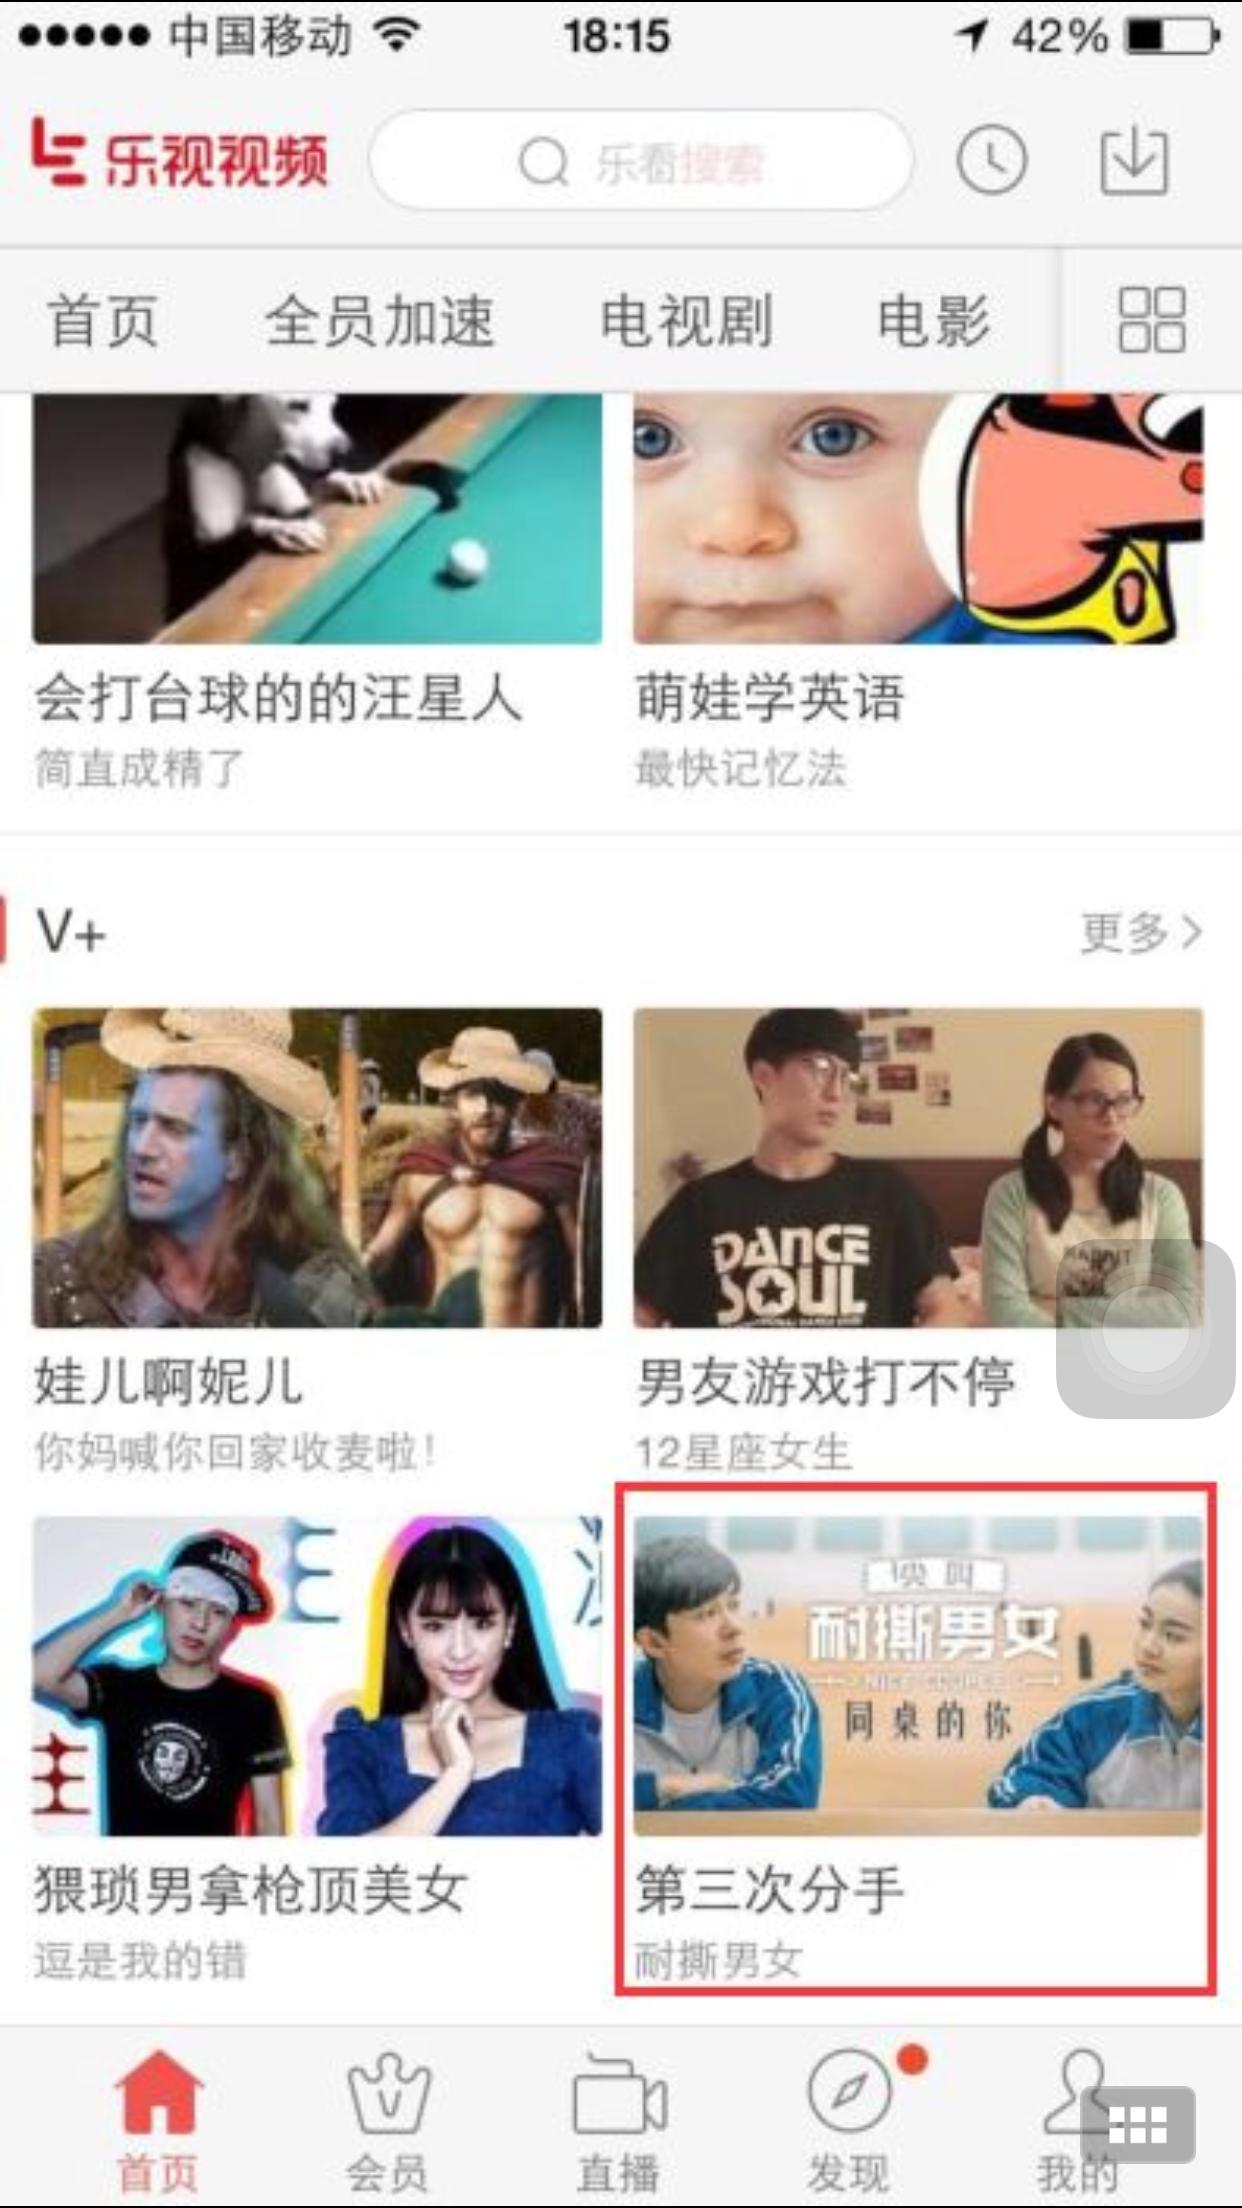 耐撕男女07 乐视app首页V+推荐